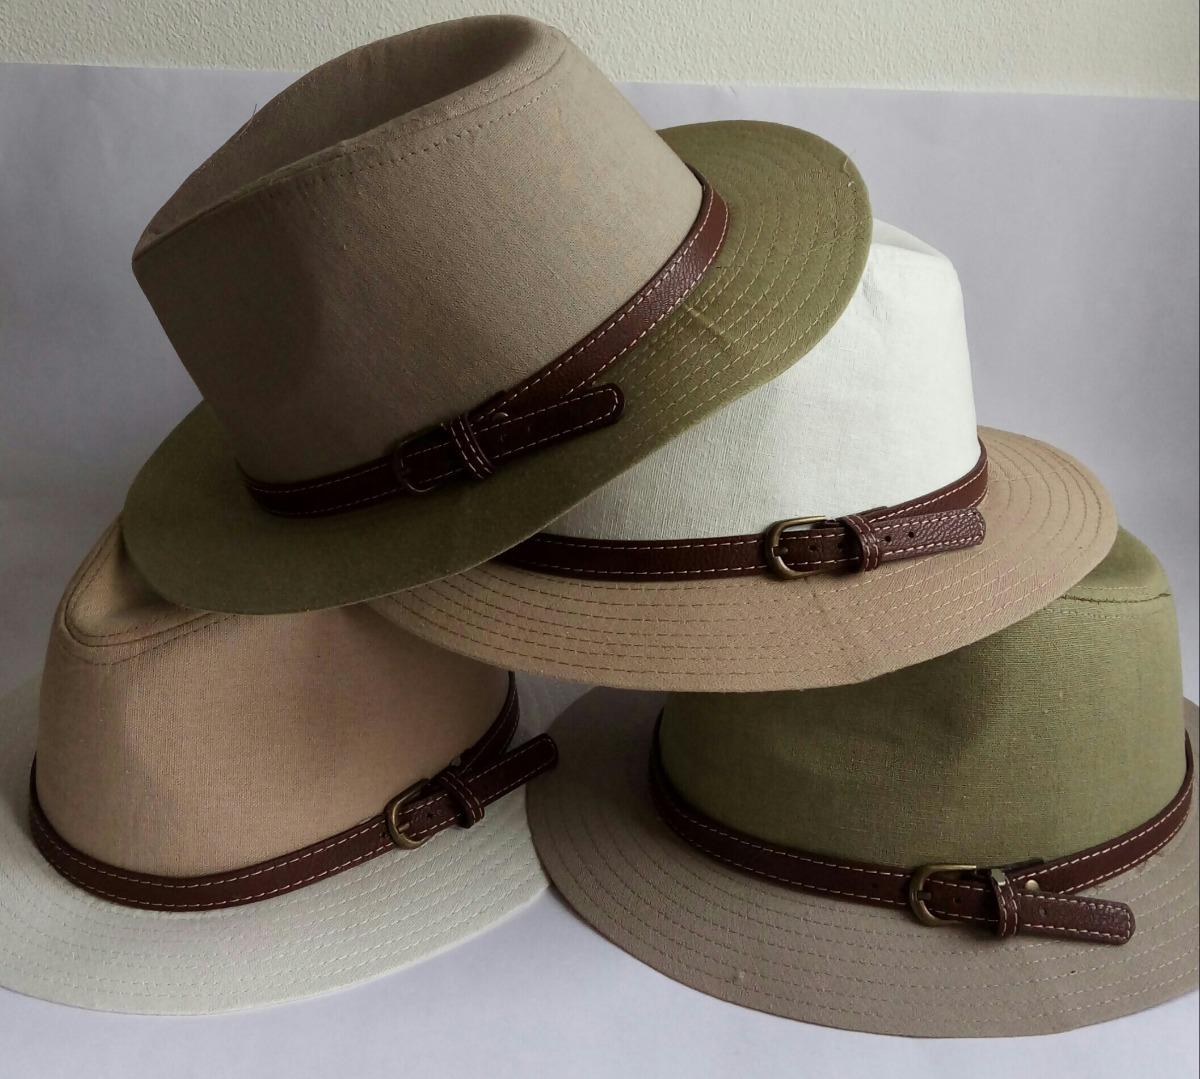 sombreros panama venta por mayor y menor lisos y combinados. Cargando zoom. b2b49c83bfa